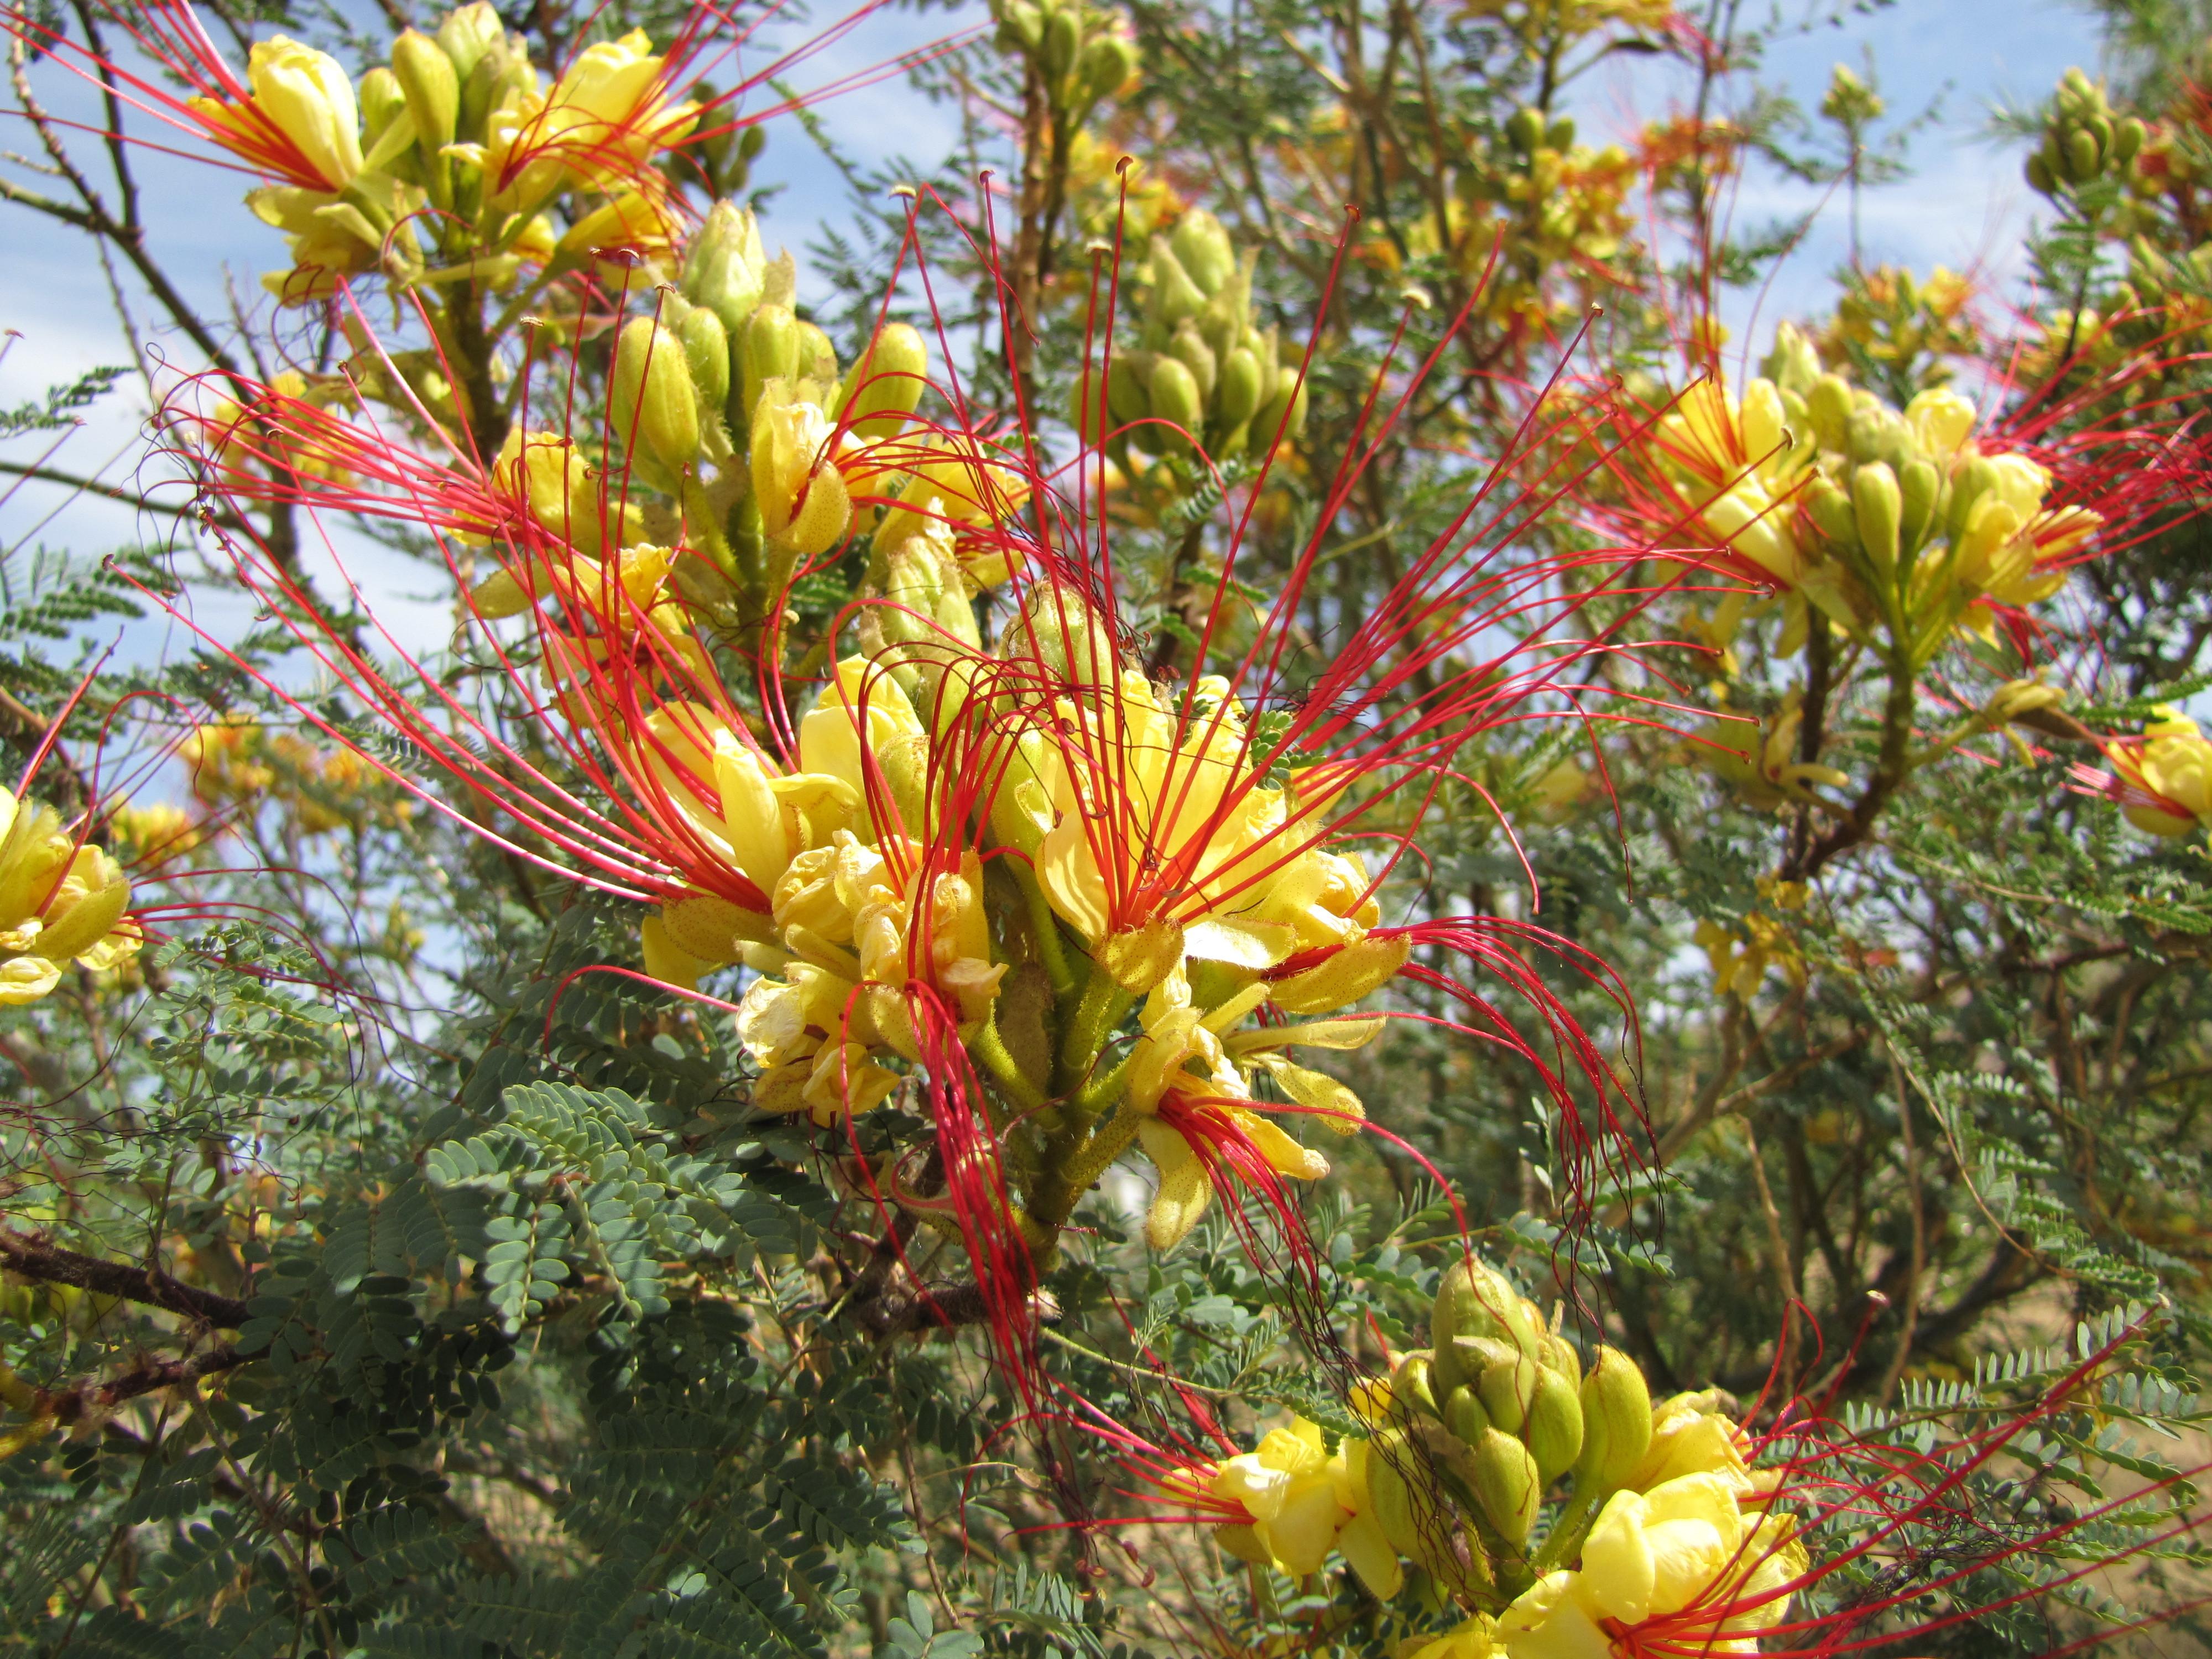 Image of bird-of-paradise shrub